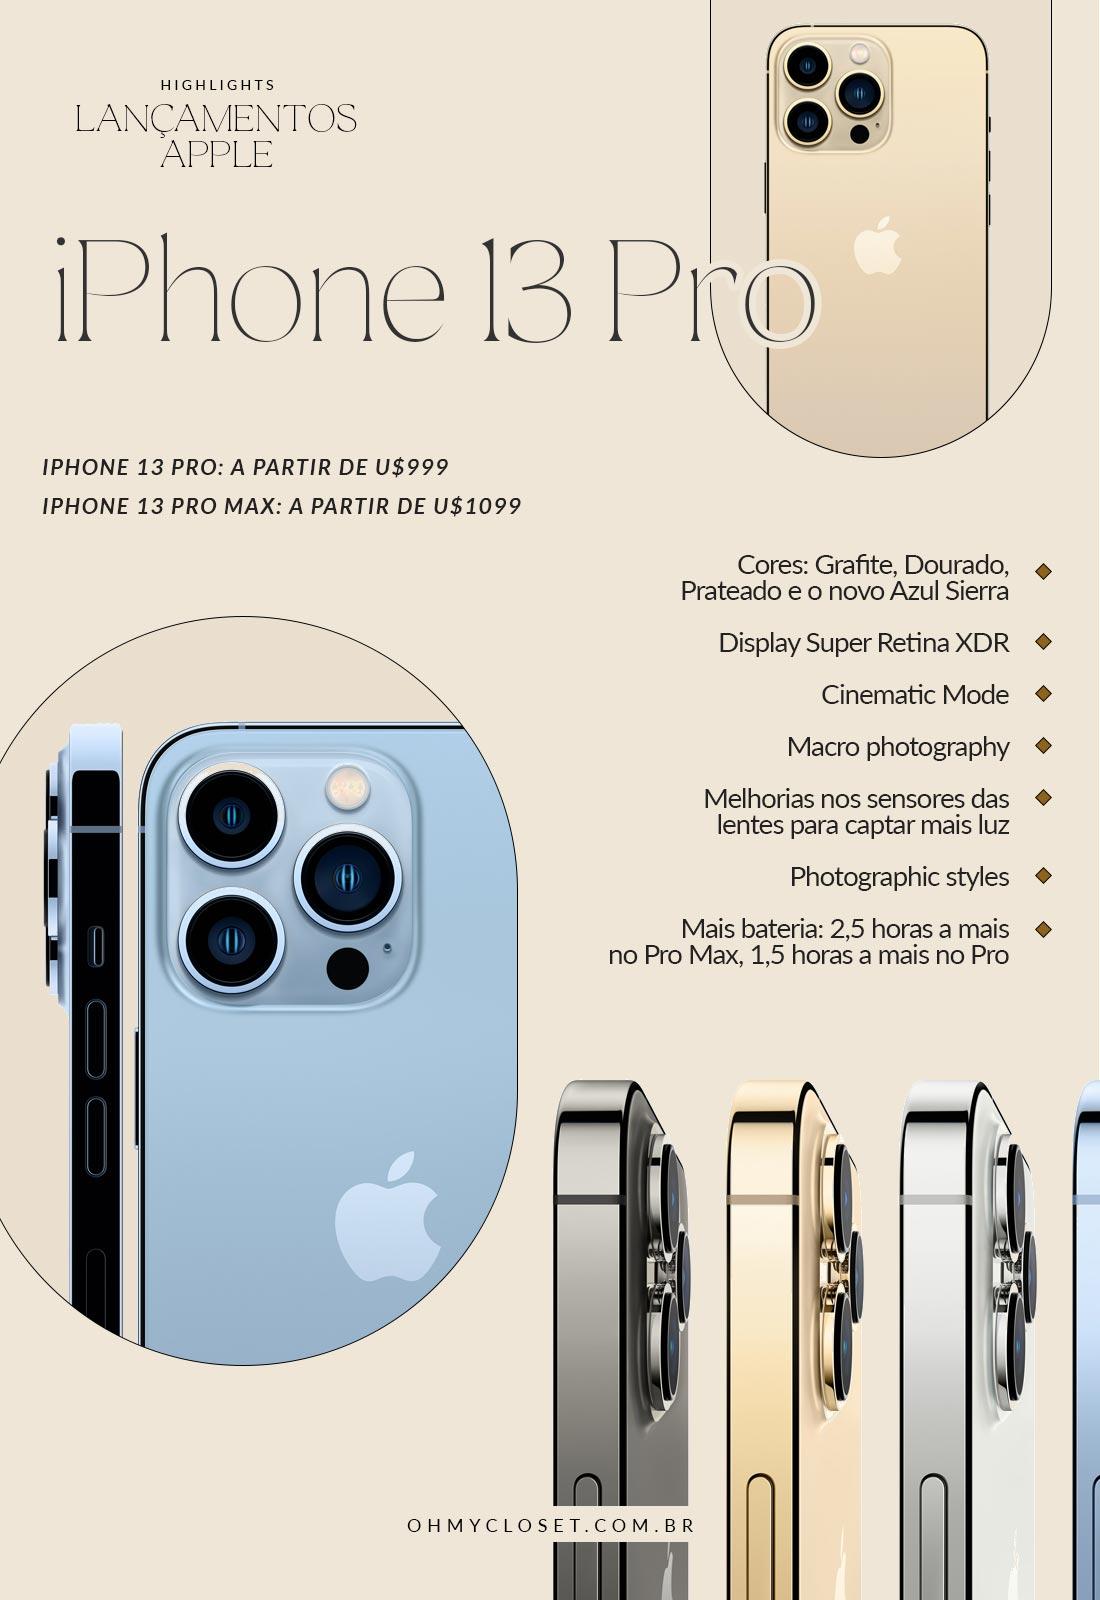 Avaliação iPhone 13 Pro, Lançamento Apple Evento Setembro de 2021.